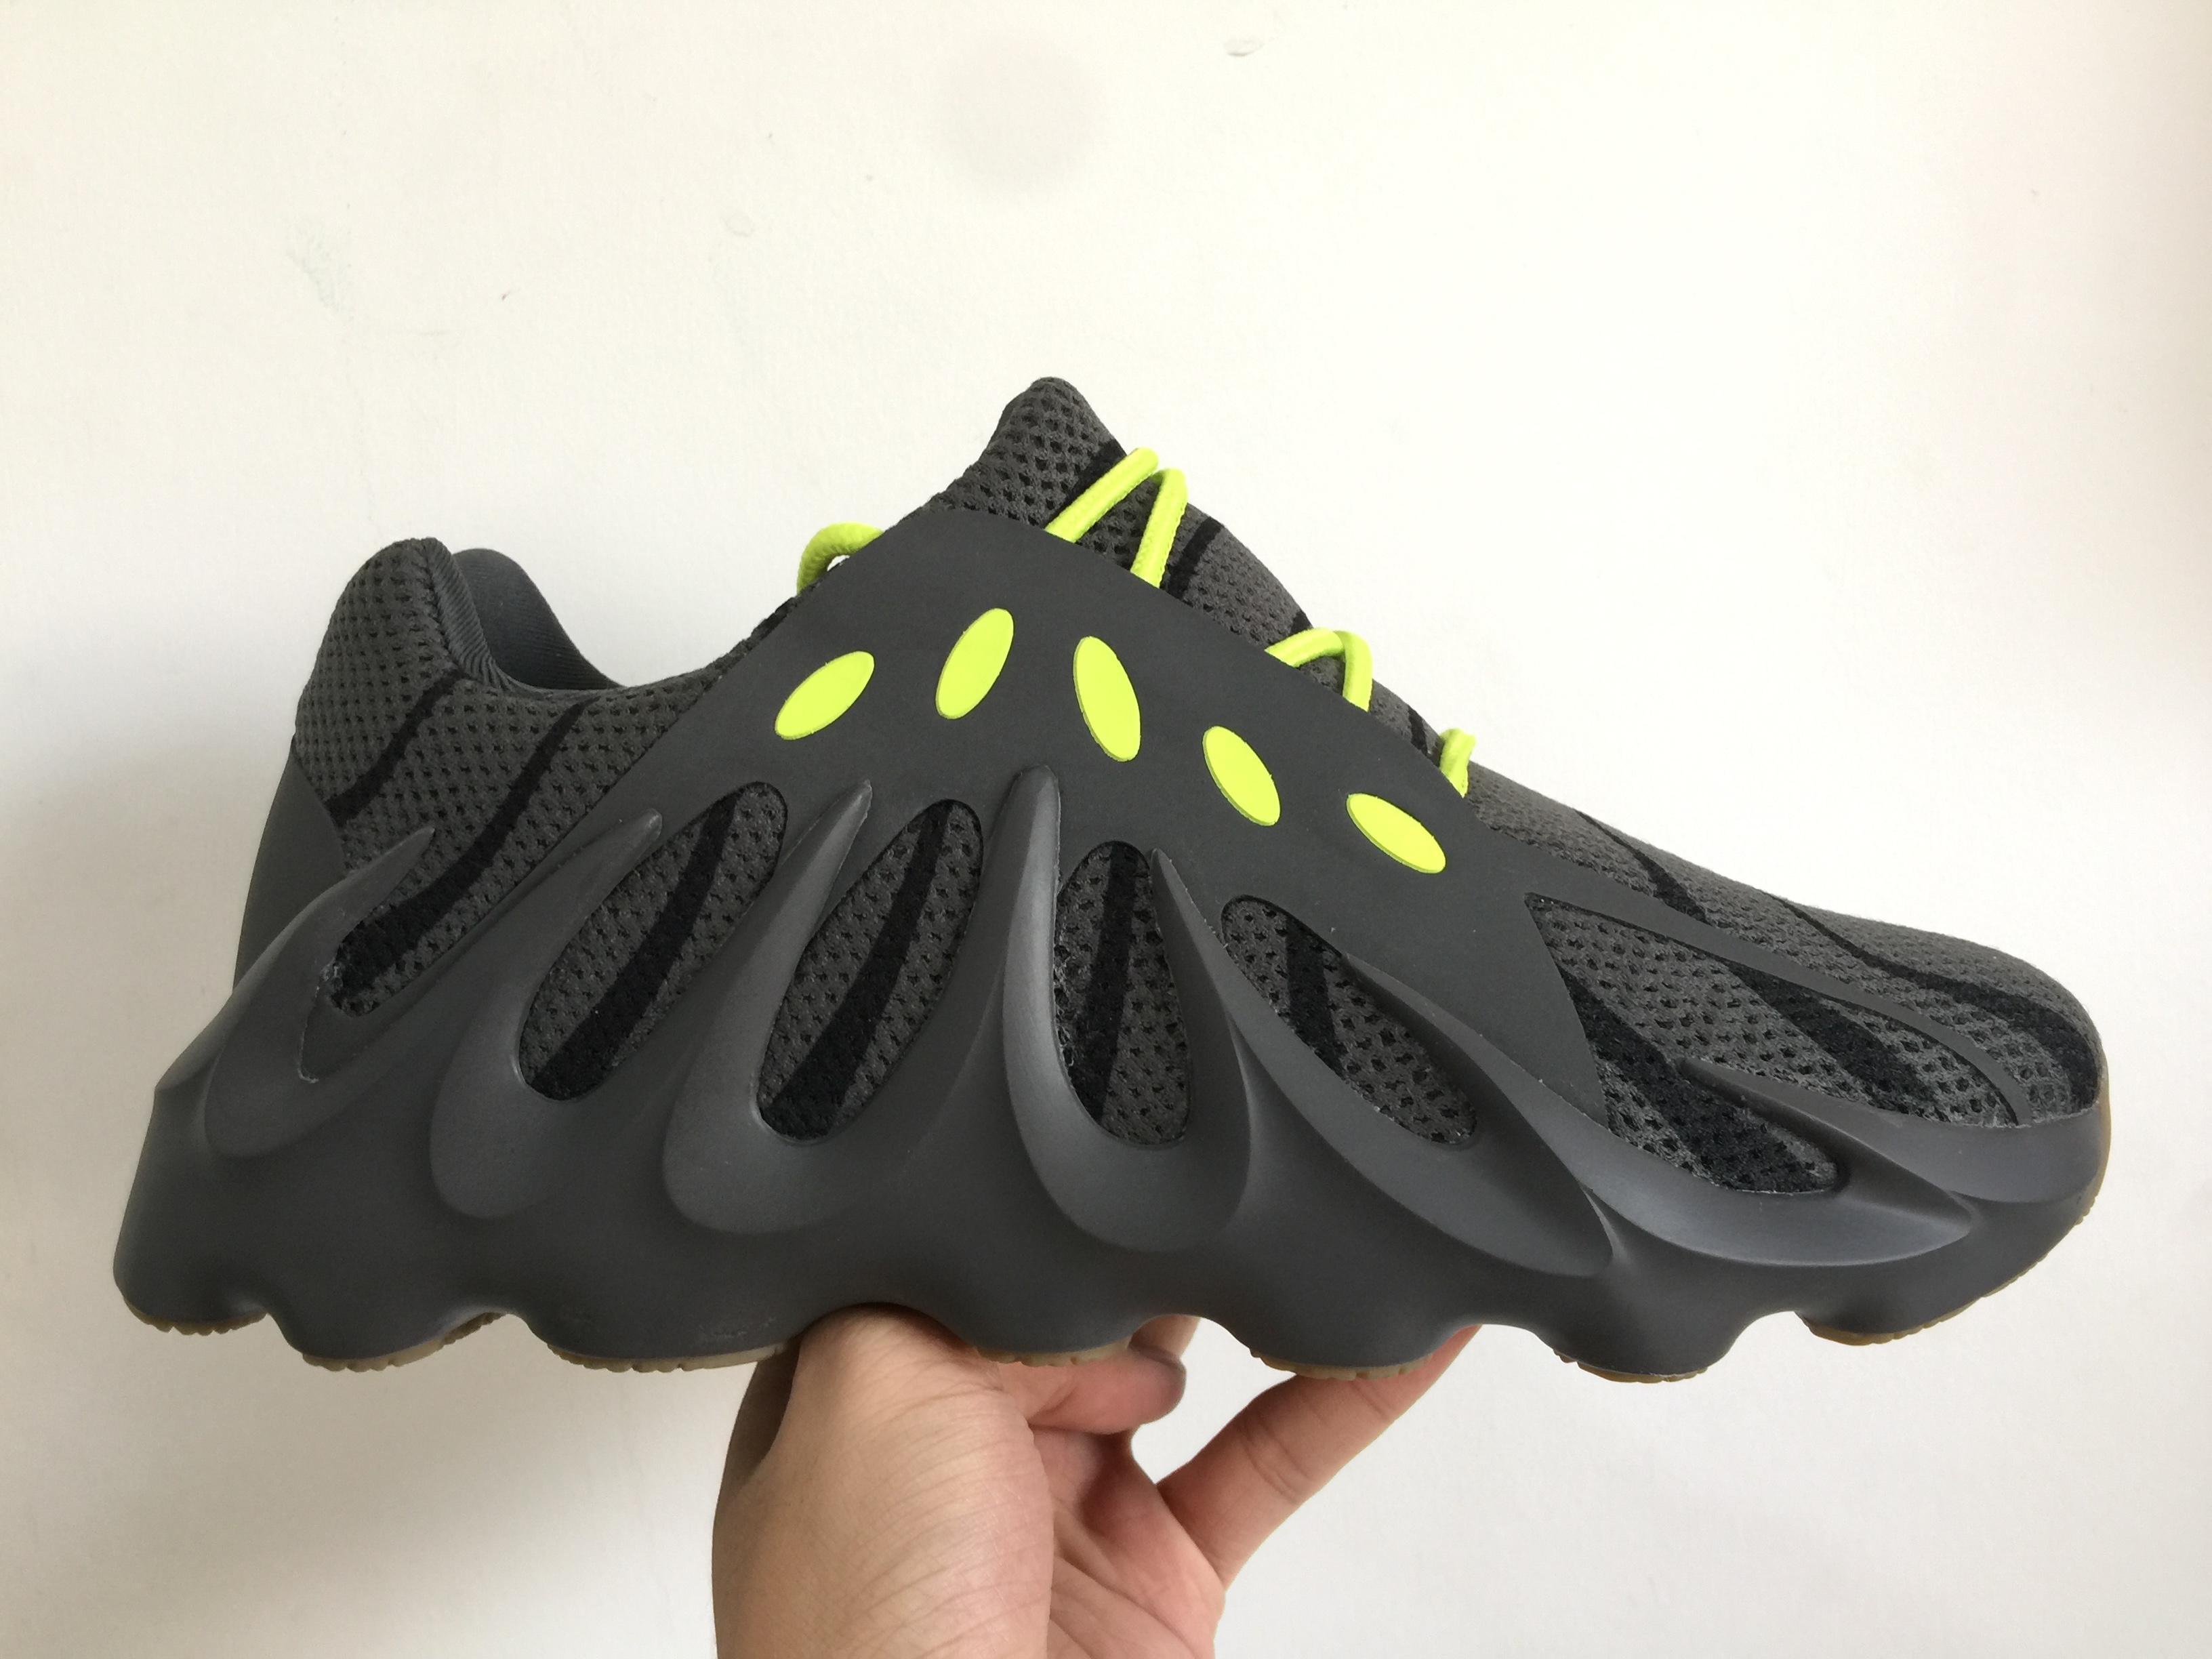 Kanye West 451 hommes Waviest plus Avant Garde espadrille vendre des chaussures de course respirant Mesh Dropping Accepted meilleurs sportifs 2020 hommes » Formation